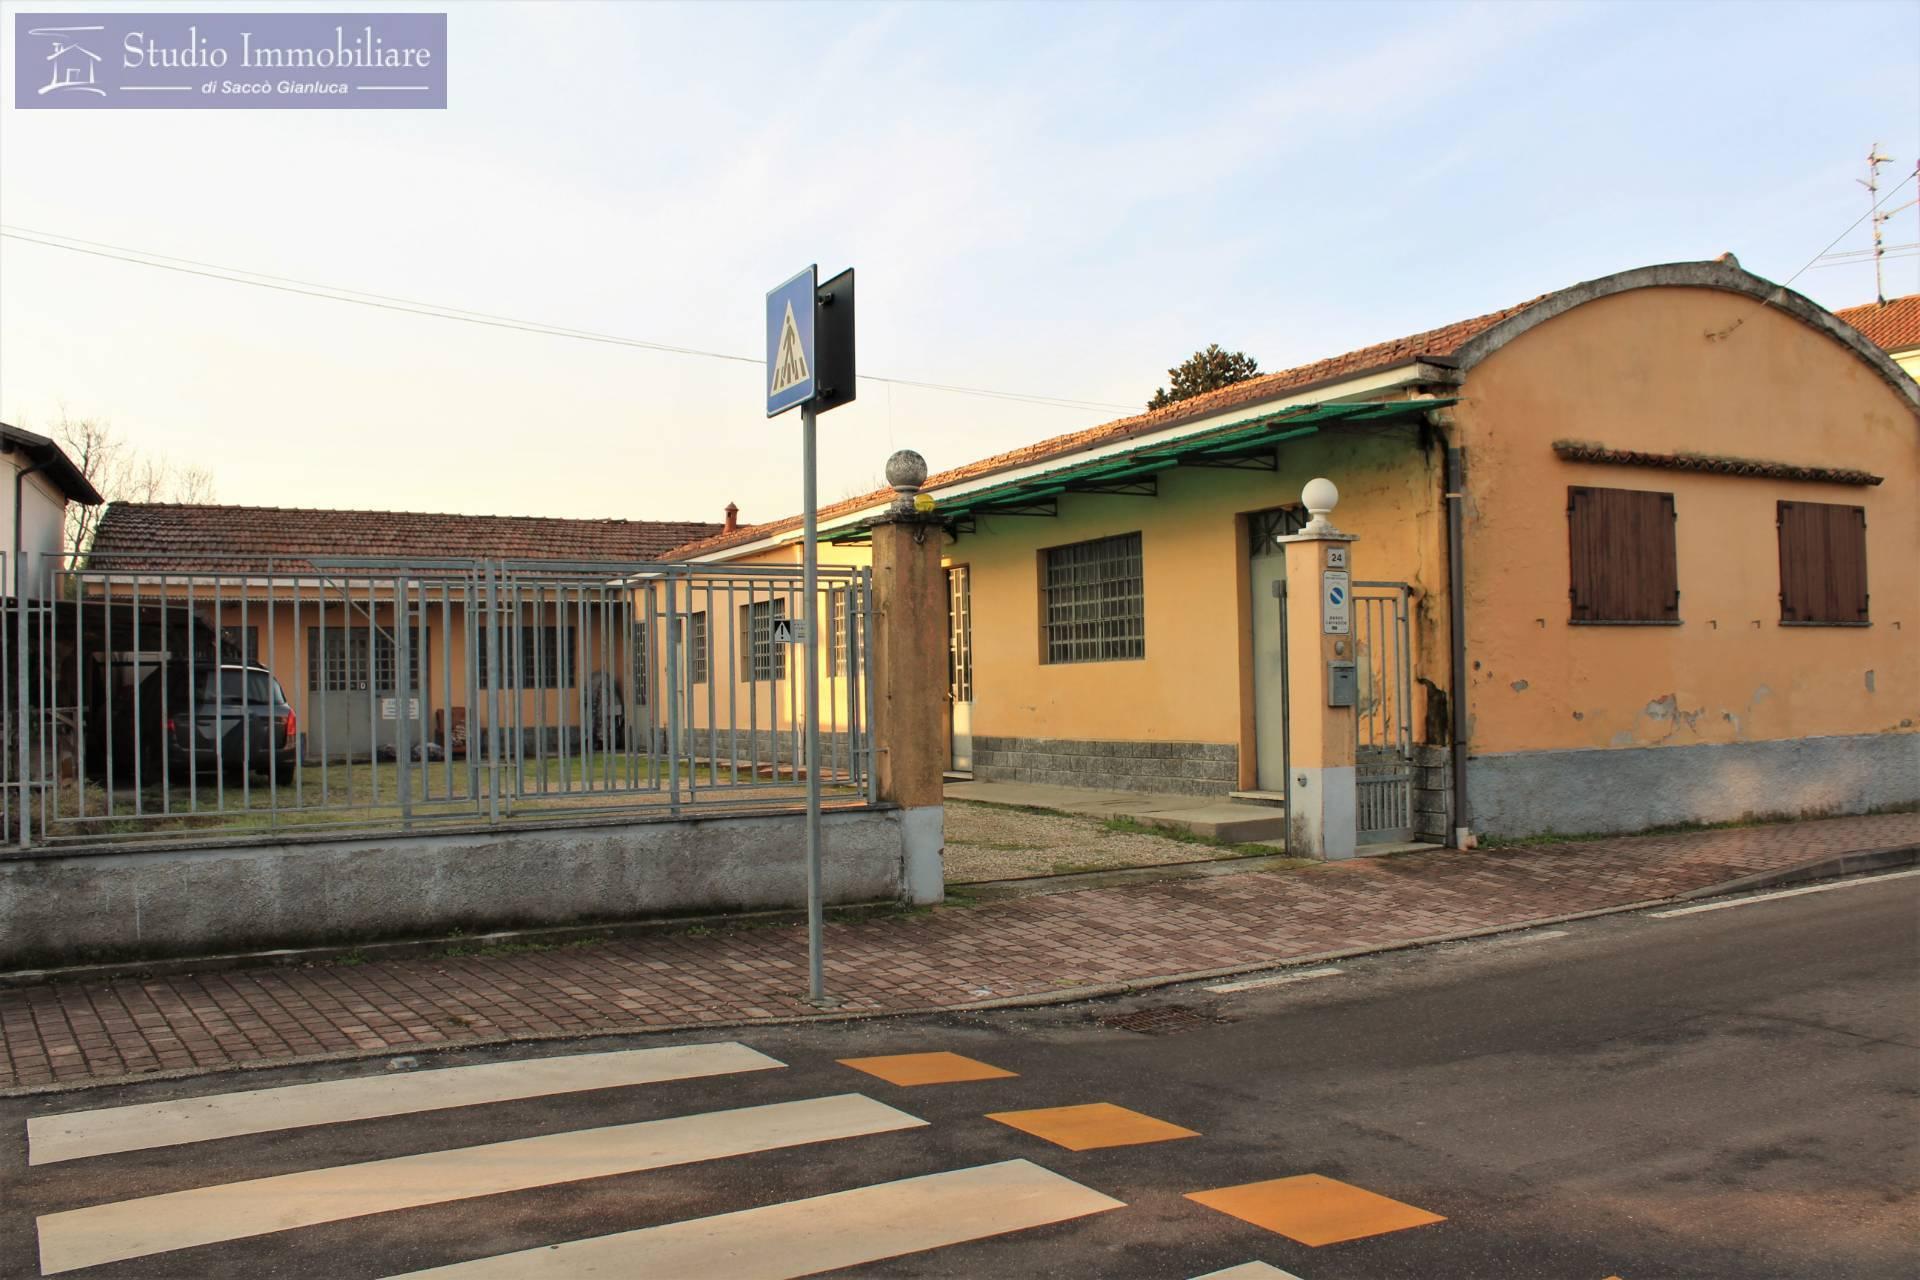 Negozio / Locale in vendita a Bressana Bottarone, 9999 locali, prezzo € 78.000   CambioCasa.it